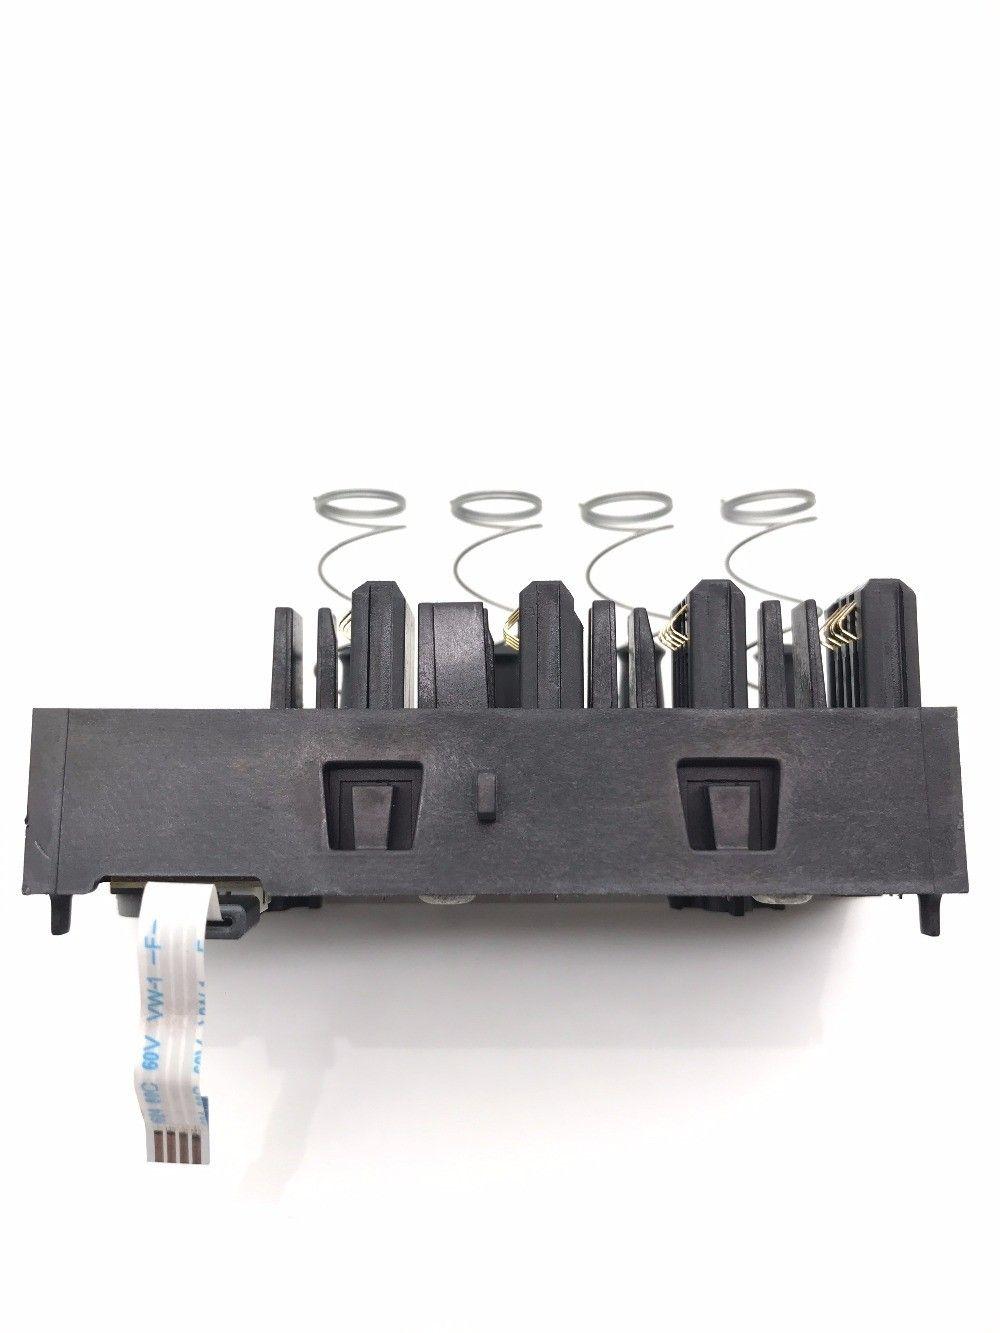 950 951 950XL 951XL tête d'impression tête porte-stylet support rack capteur de contacteur de puce pour HP 8100 8600 8610 8620 8630 8640 861 251DW 276DW